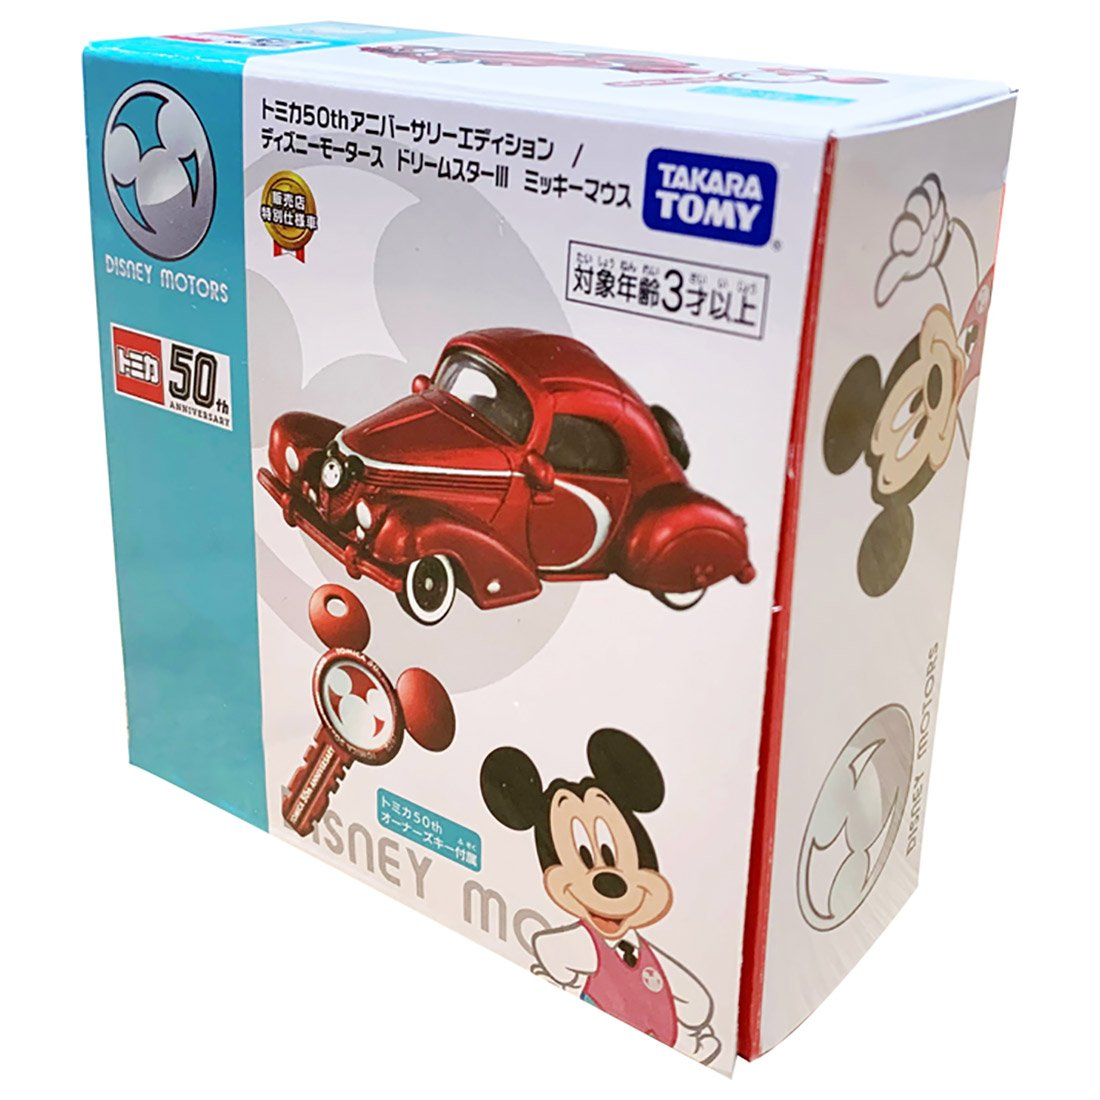 TOMICA 多美迪士尼小汽車 DM TOMICA50週年紀念車 附鑰匙